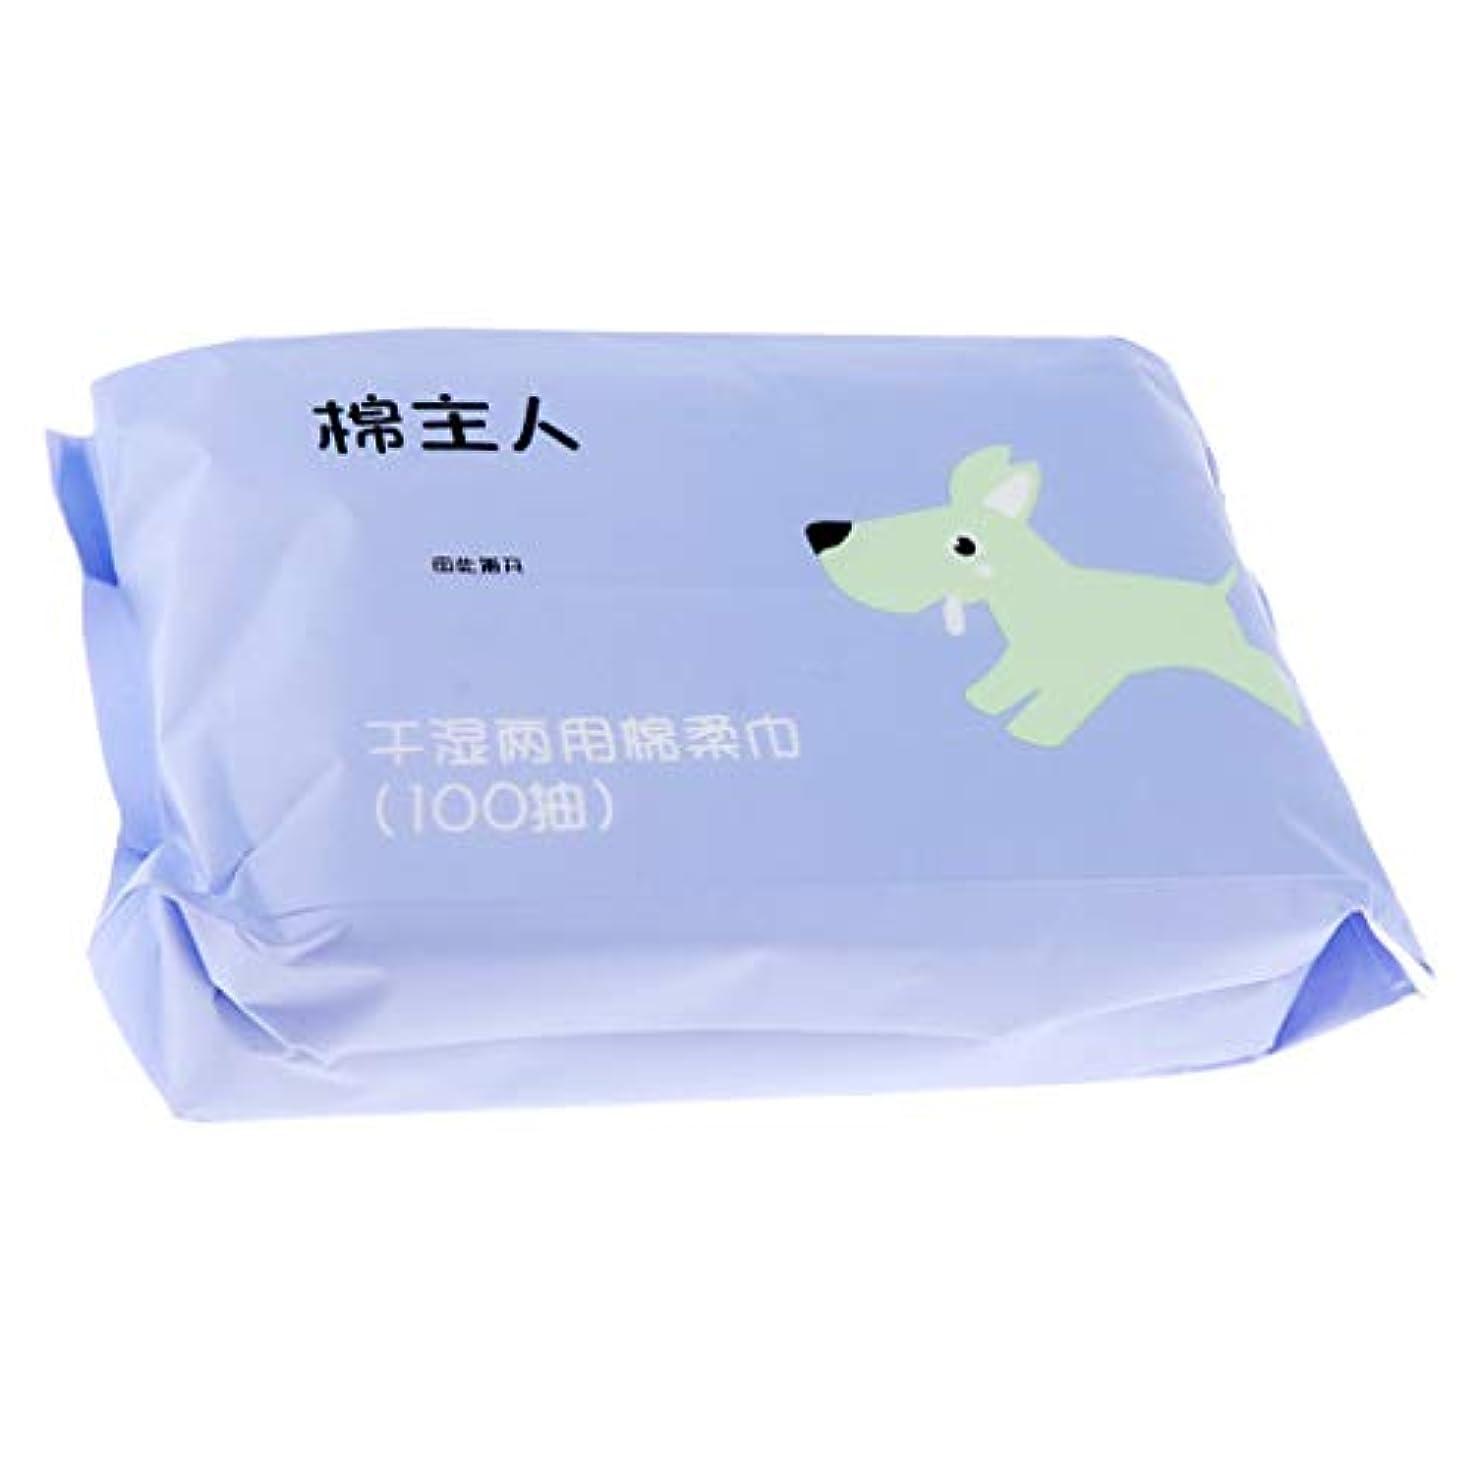 許可する助手レーザPerfeclan 約100枚 クレンジングシート フェイス クリーニング タオル メイク落とし 清潔 衛生 非刺激 - 青紫